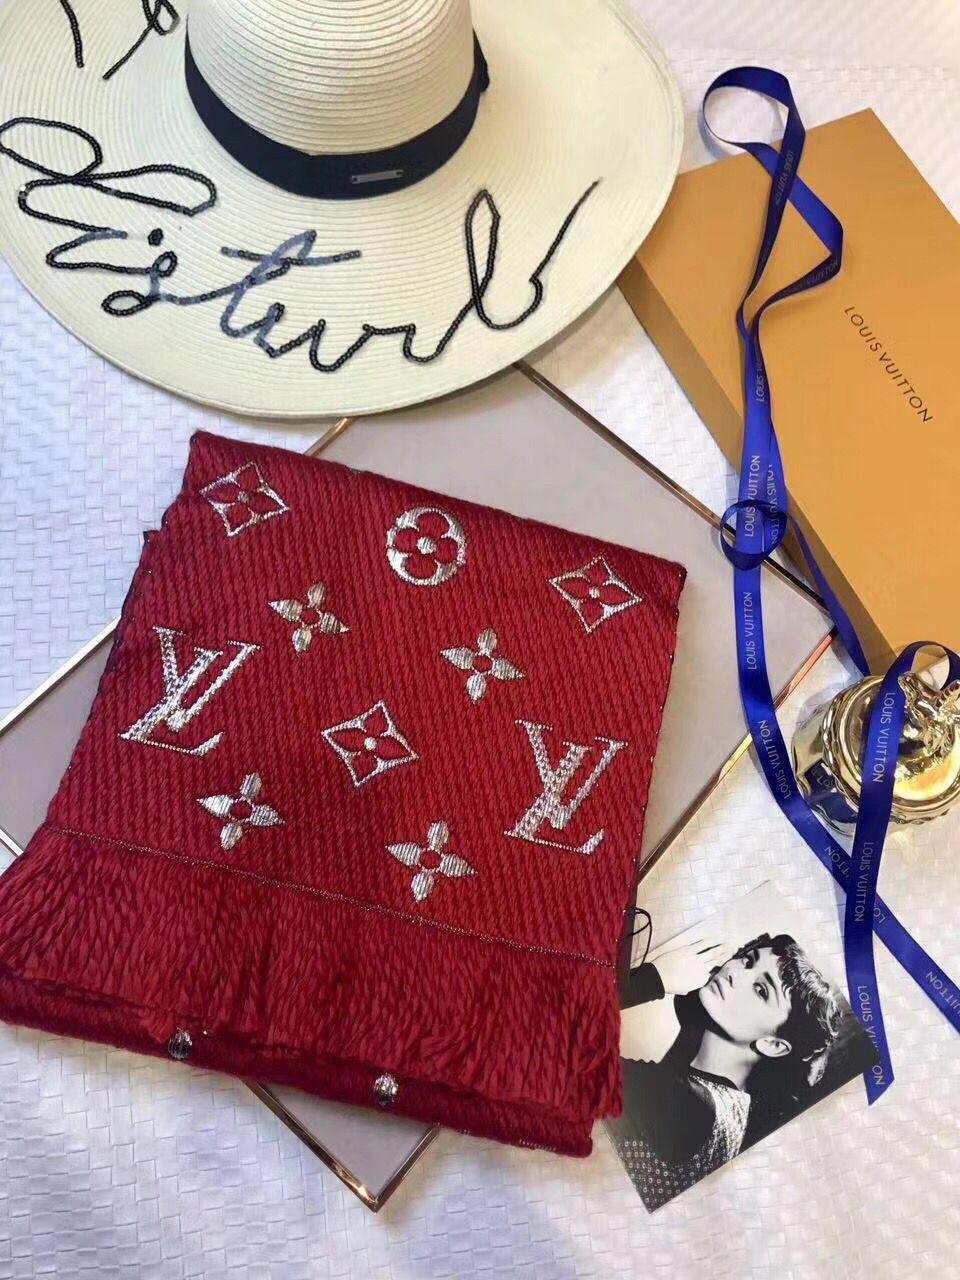 ルイヴィトン   94%wool 6%silk スカーフ 厚手    Louis Vuitton/szm-926